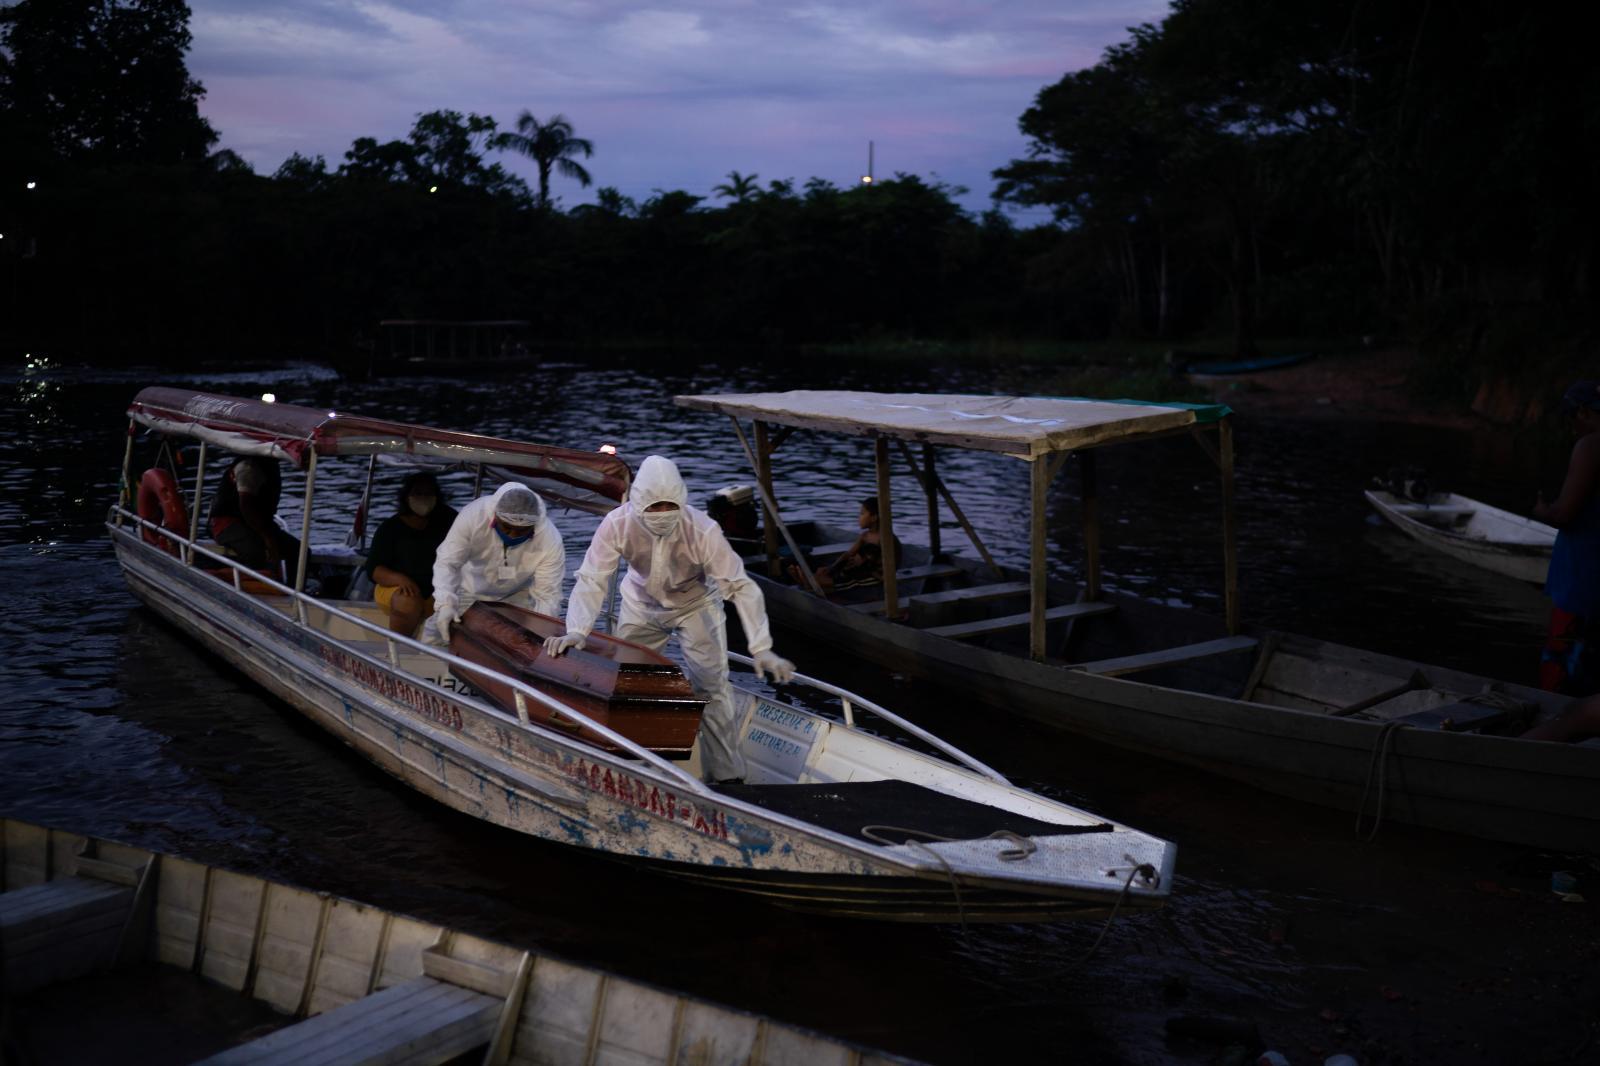 """Felipe Dana /Muerte y negación en la Amazonía Manaos, la capital de la Amazonía brasileña, es una de las ciudades más afectadas por el brote de Brasil, donde oficialmente mas de 70.000 personas murieron por coronavirus. Pero a falta de evidencias que demuestren lo contrario, muchas familias niegan rápidamente la posibilidad de que el COVID-19 se cobrase la vida de sus seres queridos, lo que supone que probablemente la cifra real de fallecidos sea mucho mayor. Mientras ambulancias circulan a toda prisa por Manaos con las sirenas a todo volumen y las excavadoras abren nuevas filas de tumbas, el aire húmedo de esta ciudad a orillas del majestuoso Río Amazonas se siente más denso de lo habitual ante una negación tan persistente. Manaos ha registrado casi el triple de decesos habituales en abril y mayo. Médicos y psicólogos dicen que la negación de base procede de una mezcla de desinformación, falta de educación, escasez de pruebas y mensajes contradictorios de los líderes del país. El primero de los escépticos es el presidente, Jair Bolsonaro, quien se ha referido repetidamente al COVID-19 como una """"gripecita"""" y manifestó que la preocupación por el virus es exagerada. Pero en julio, el presidente se ha juntado a los casí 2 millones que han sido contagiados por el coronavirus.   ----------------------------------------------------------   Death and denial in the Amazon Manaus, the capital of the Amazon in Brazil is one of the hardest hit cities in the country, which officially has lost more than 70,000 lives to the coronavirus. But in the absence of evidence proving otherwise, many families are quick to deny the possibility that COVID-19 claimed their loved ones, meaning that the toll is likely a vast undercount. As ambulances zip through Manaus with sirens blaring and backhoes dig rows of new graves, the muggy air in this city by the majestic Amazon River feels thicker than usual with such pervasive denial. Manaus has seen nearly triple the usual number of dead in April"""